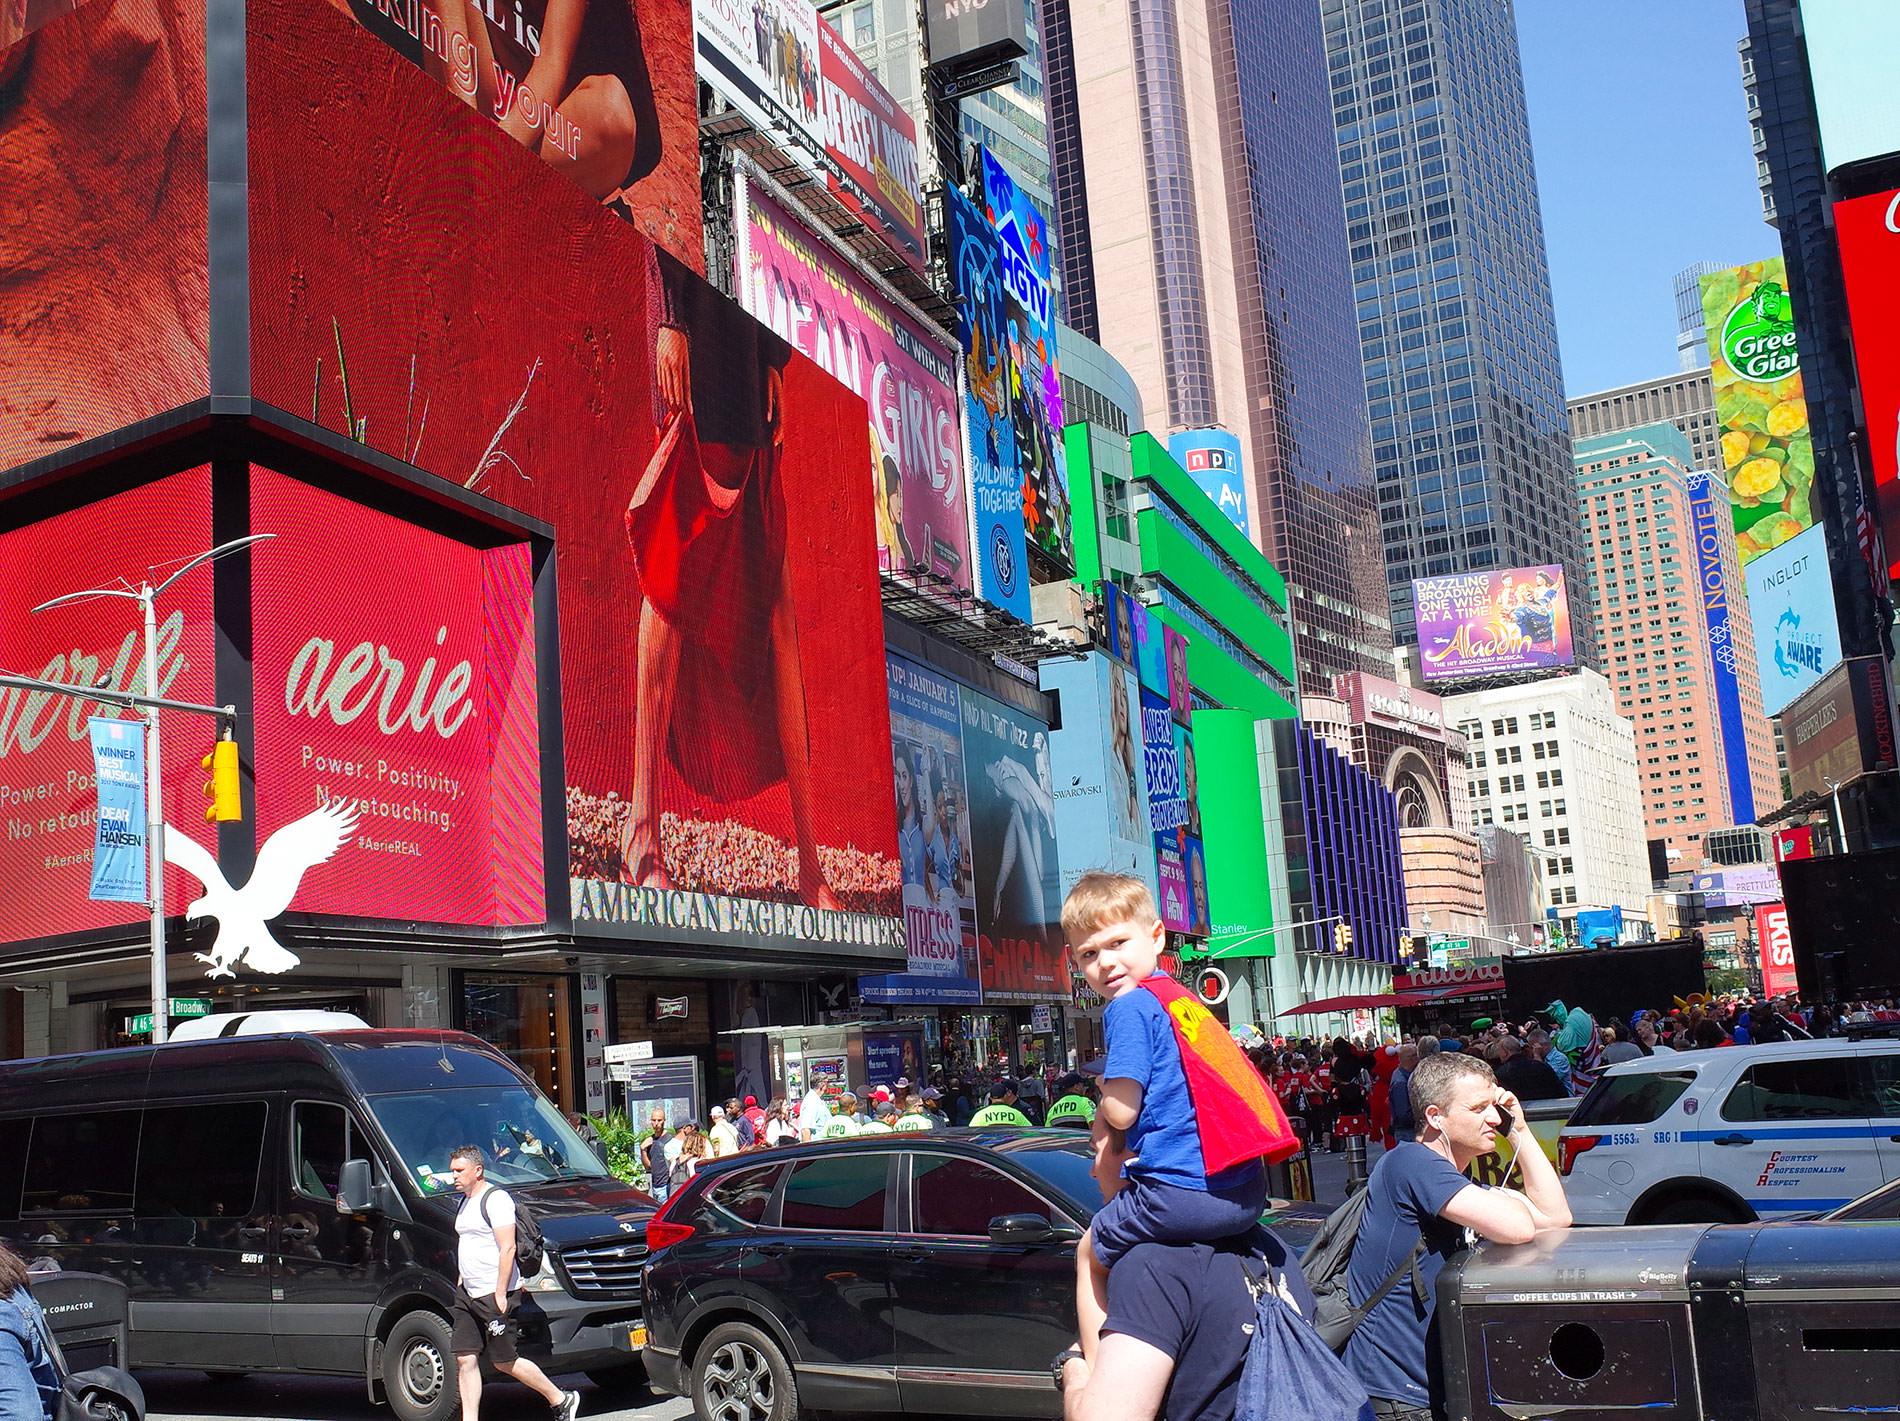 ニューヨーク旅行 2019 / Trip to New York 2019